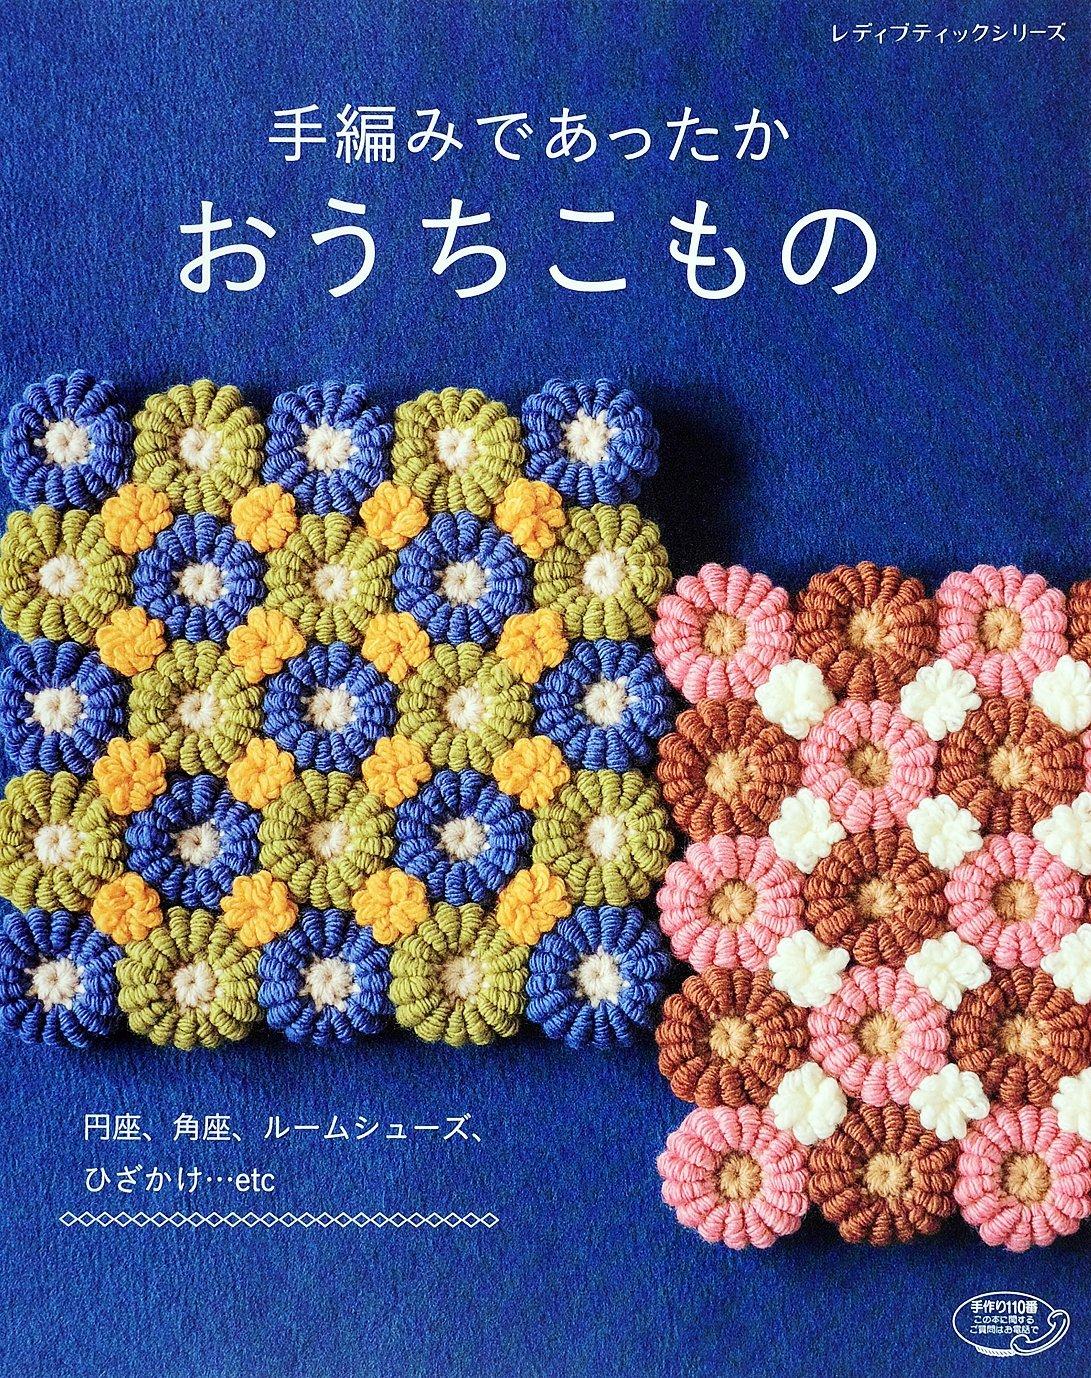 Hand-knitted Uchikomono